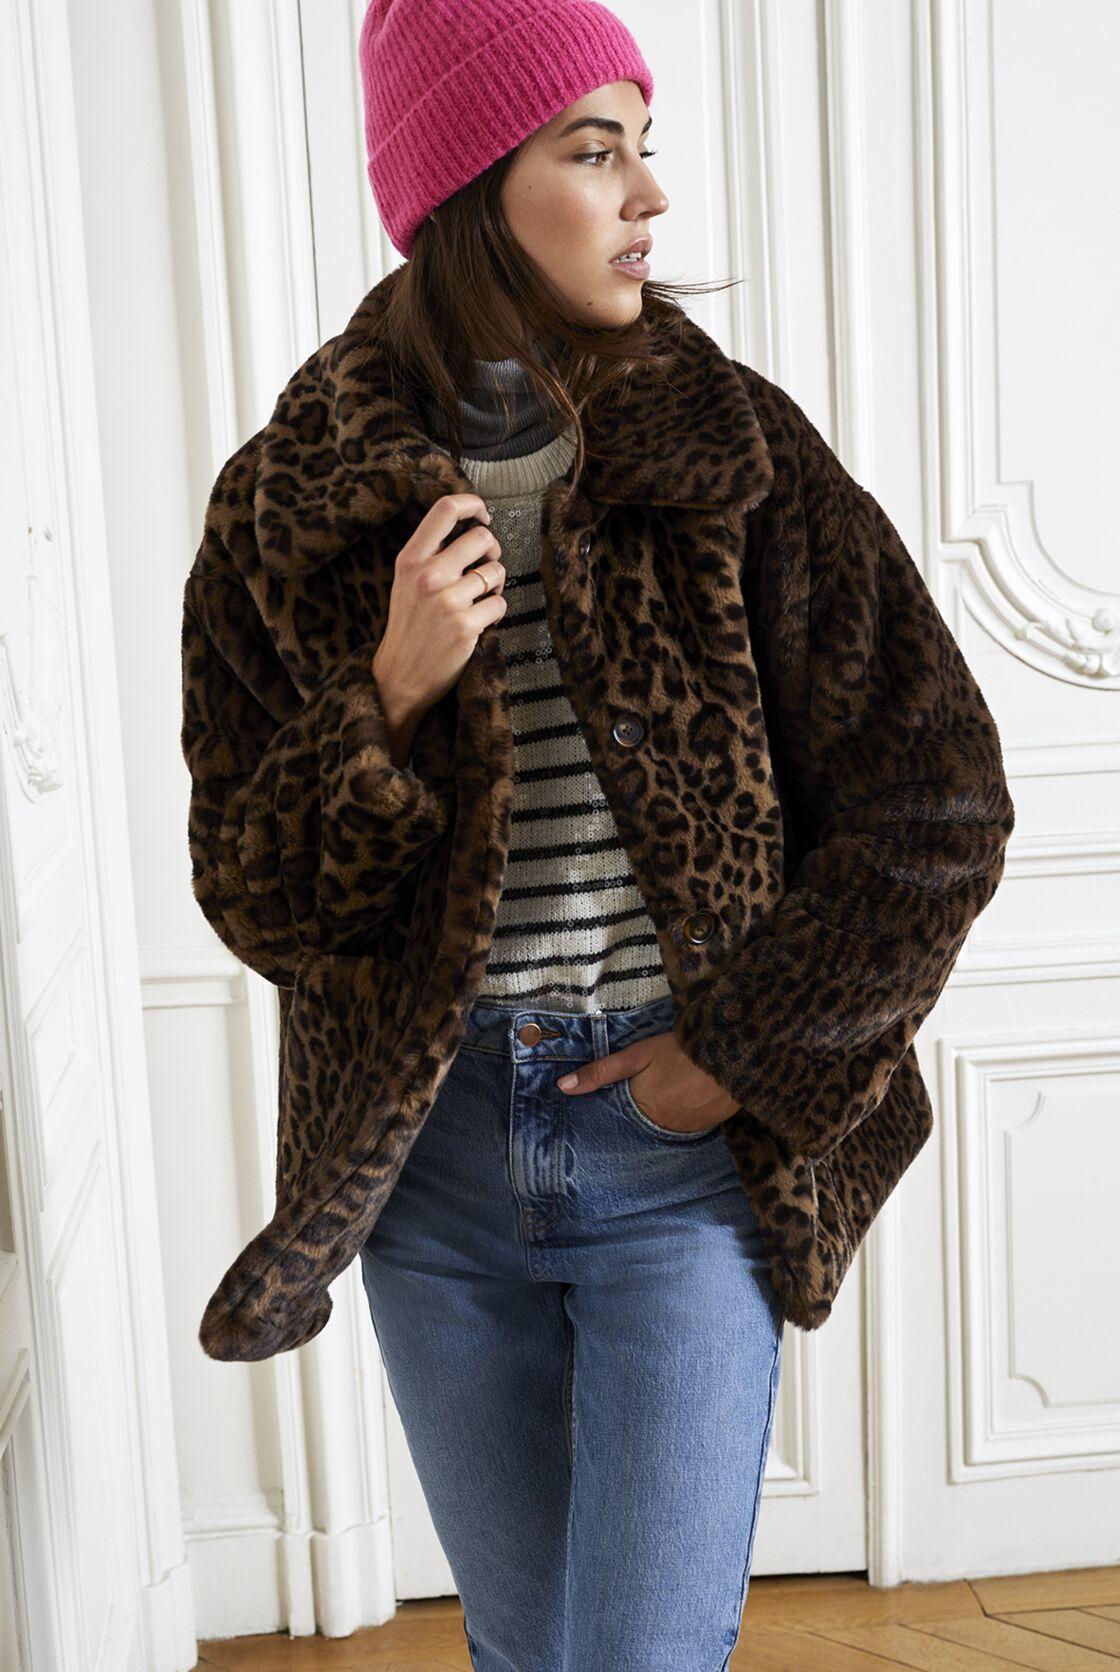 Manteau fausse fourrure imprimés léopard, 99,99€, Etam